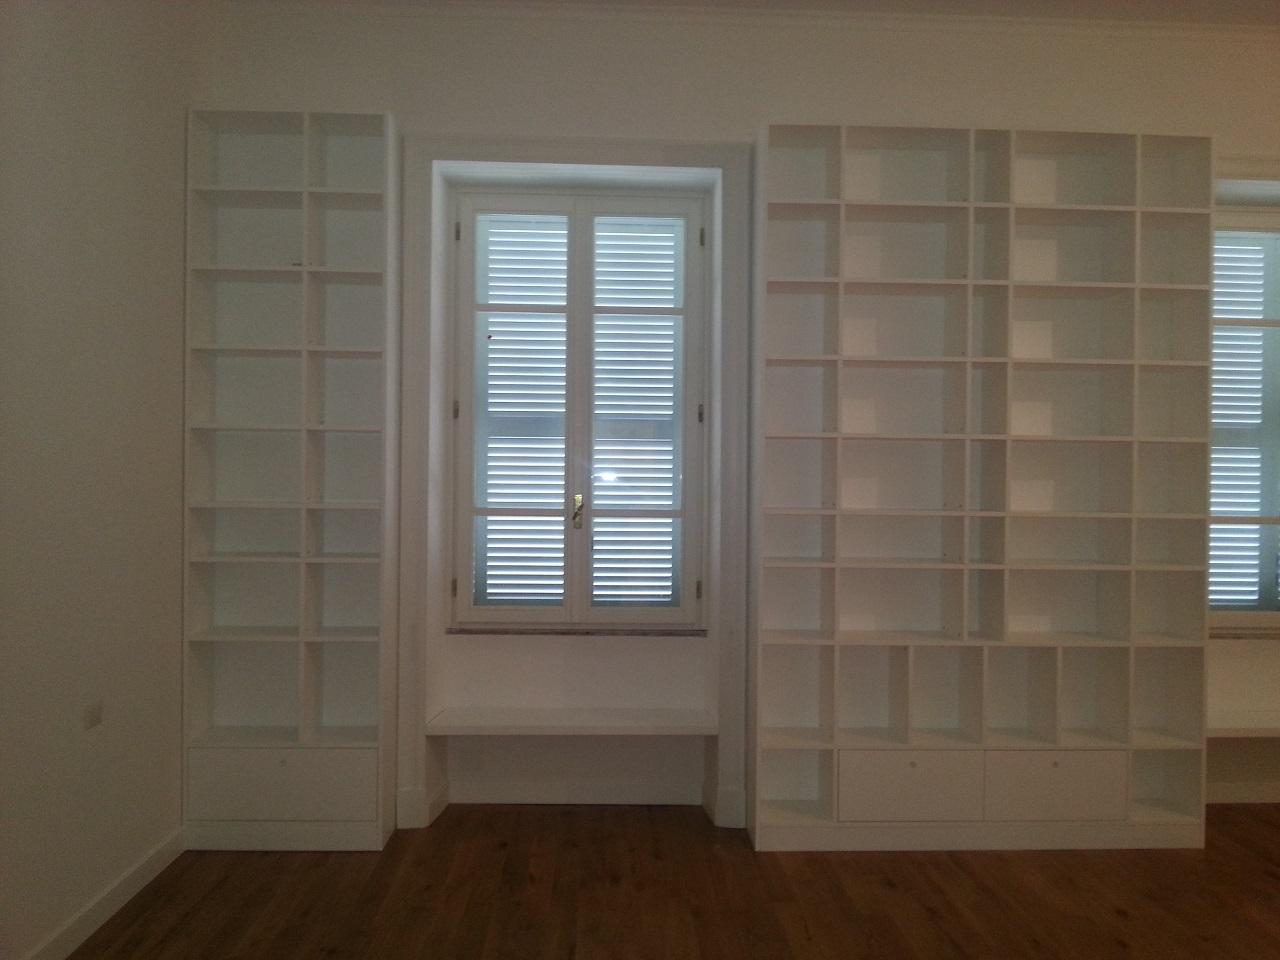 librerie-librerieGemelle